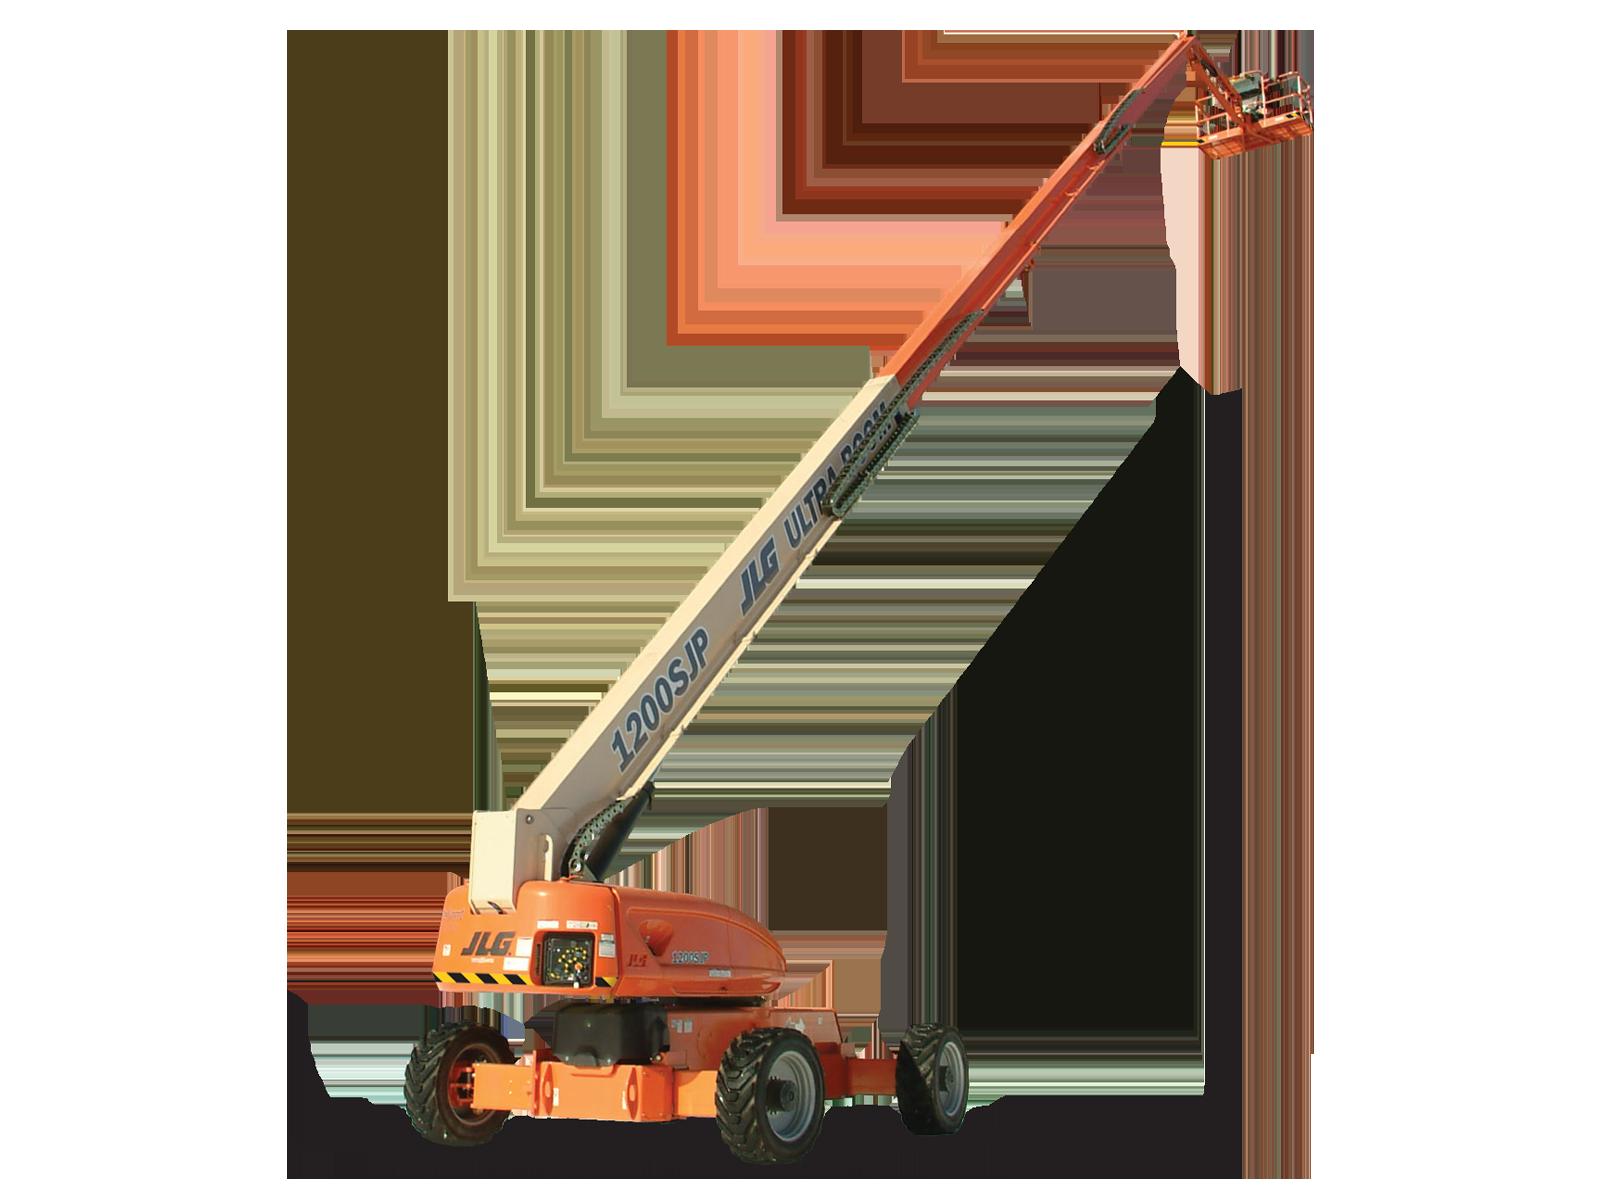 JLG 1200SJP Image